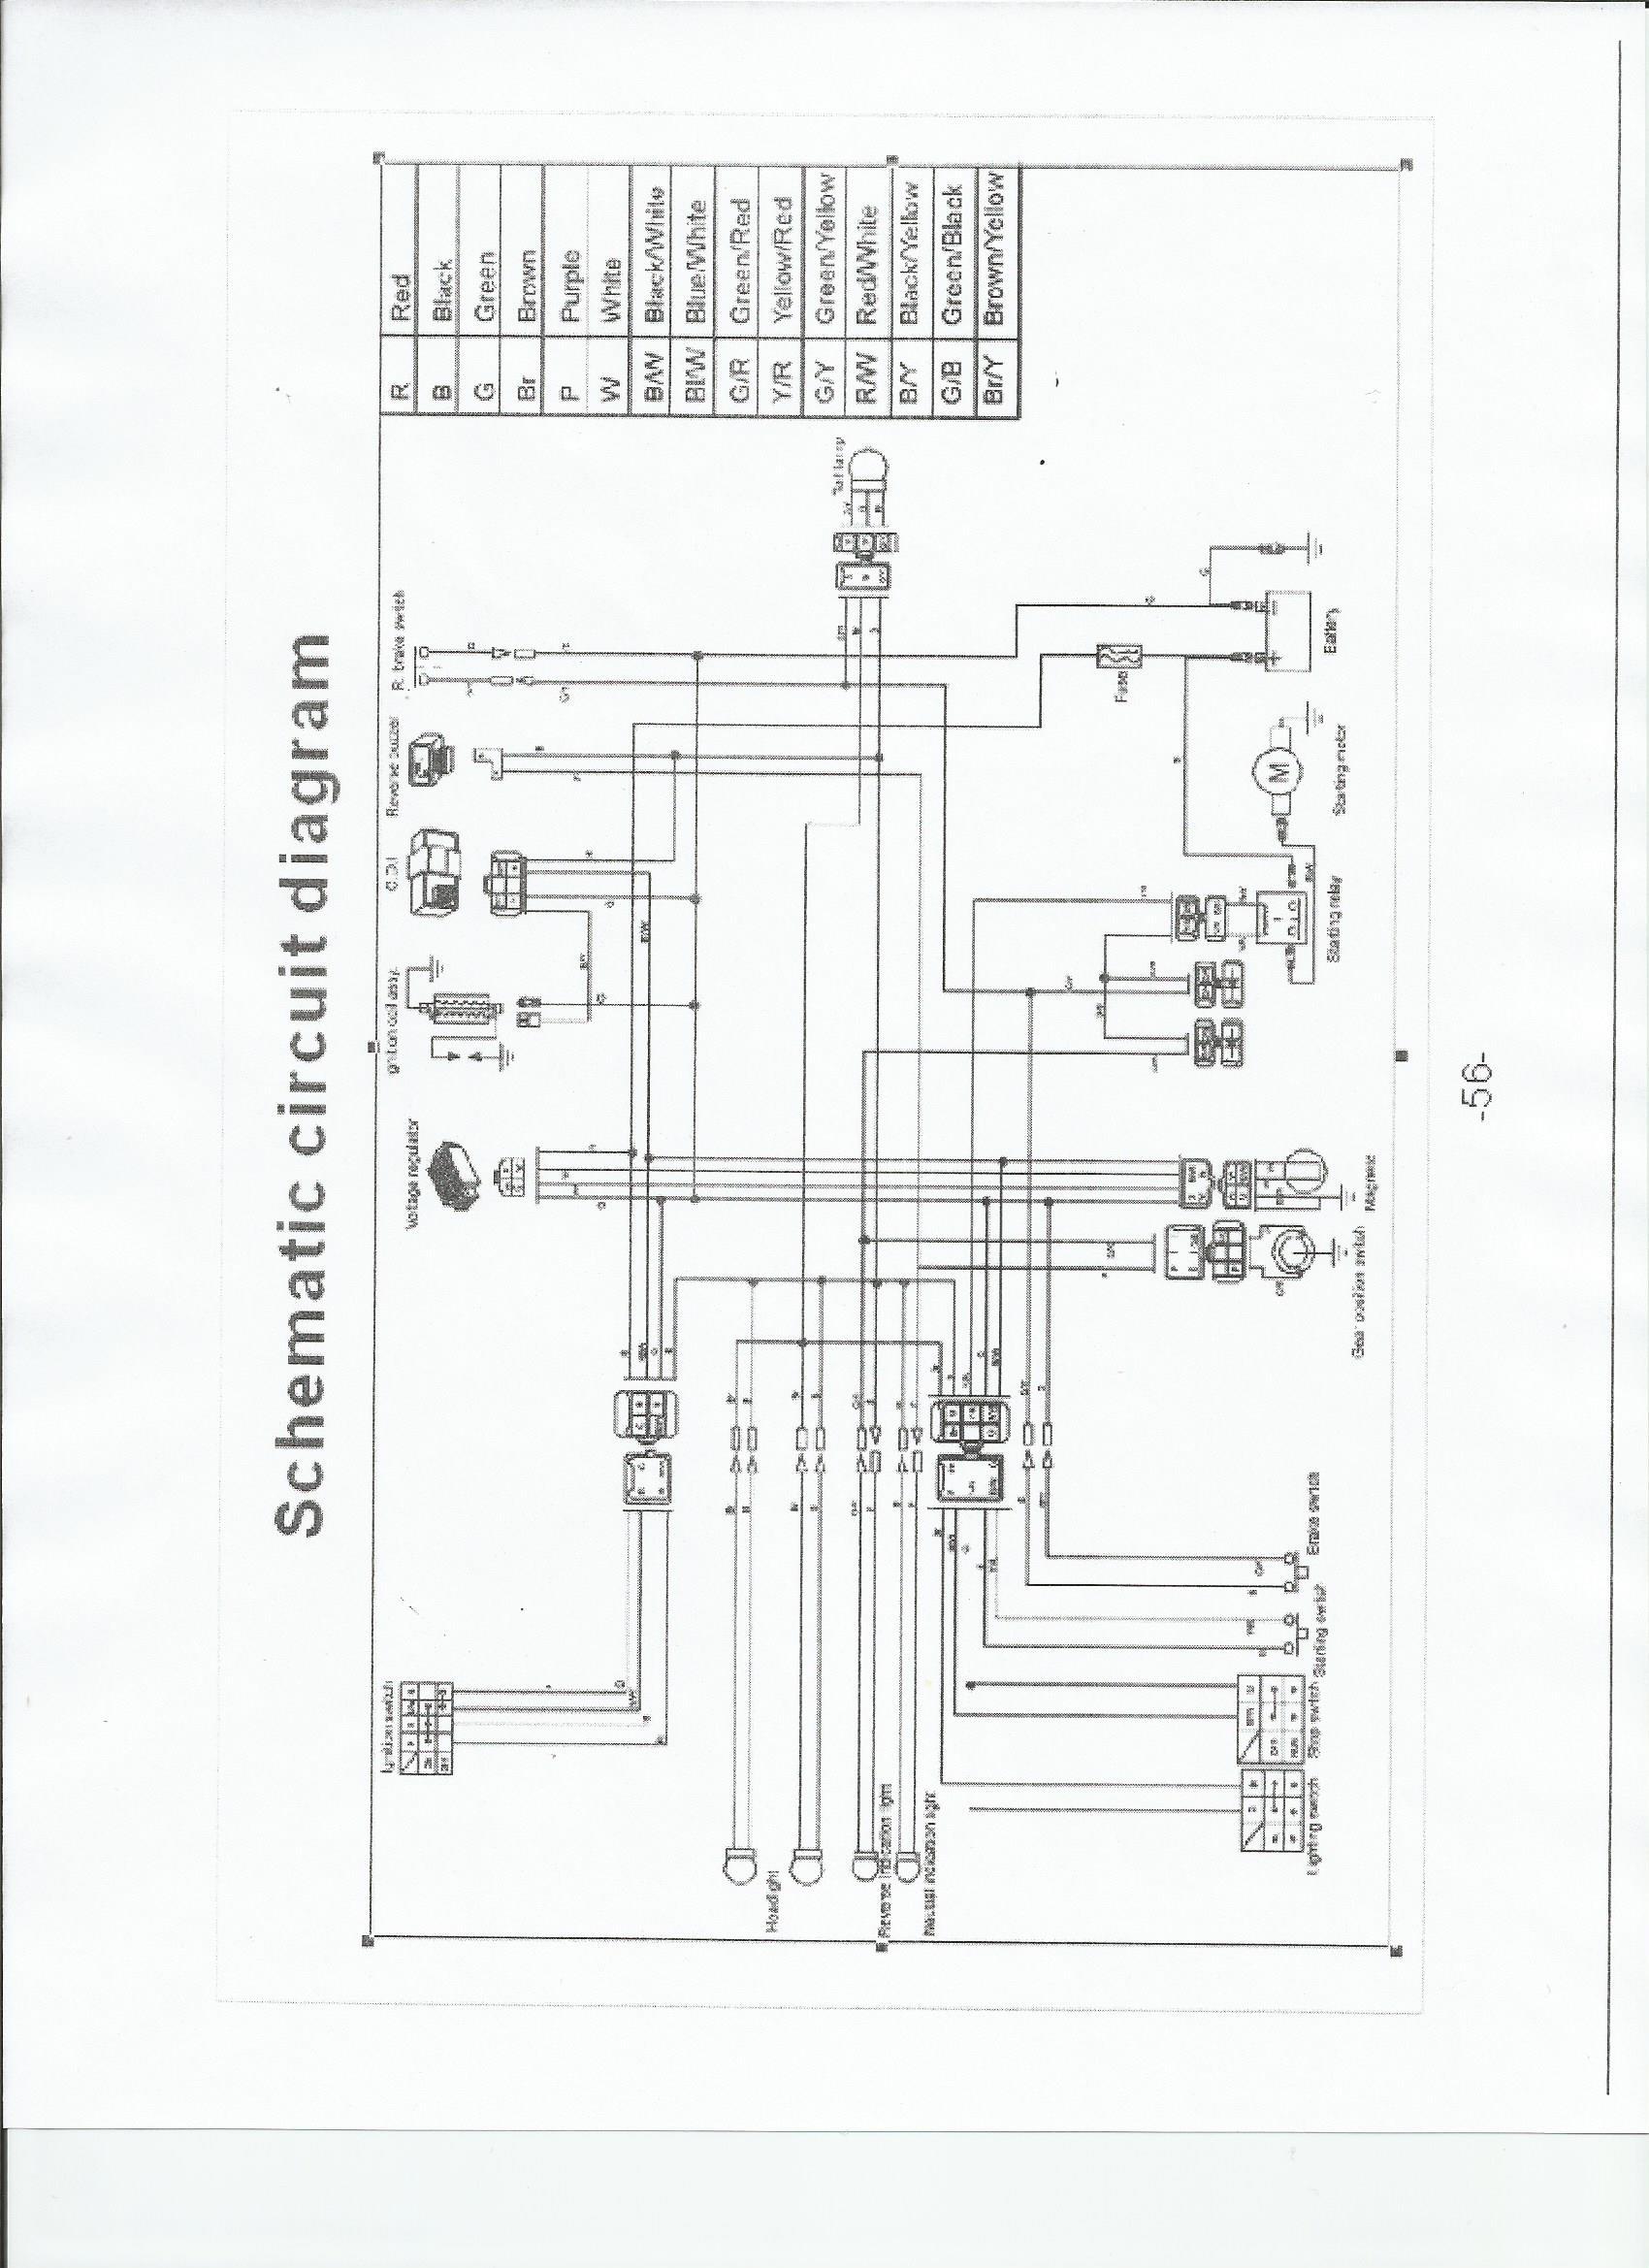 05 r3500 altentor wiri wiring diagram altentor  u2022 wiring